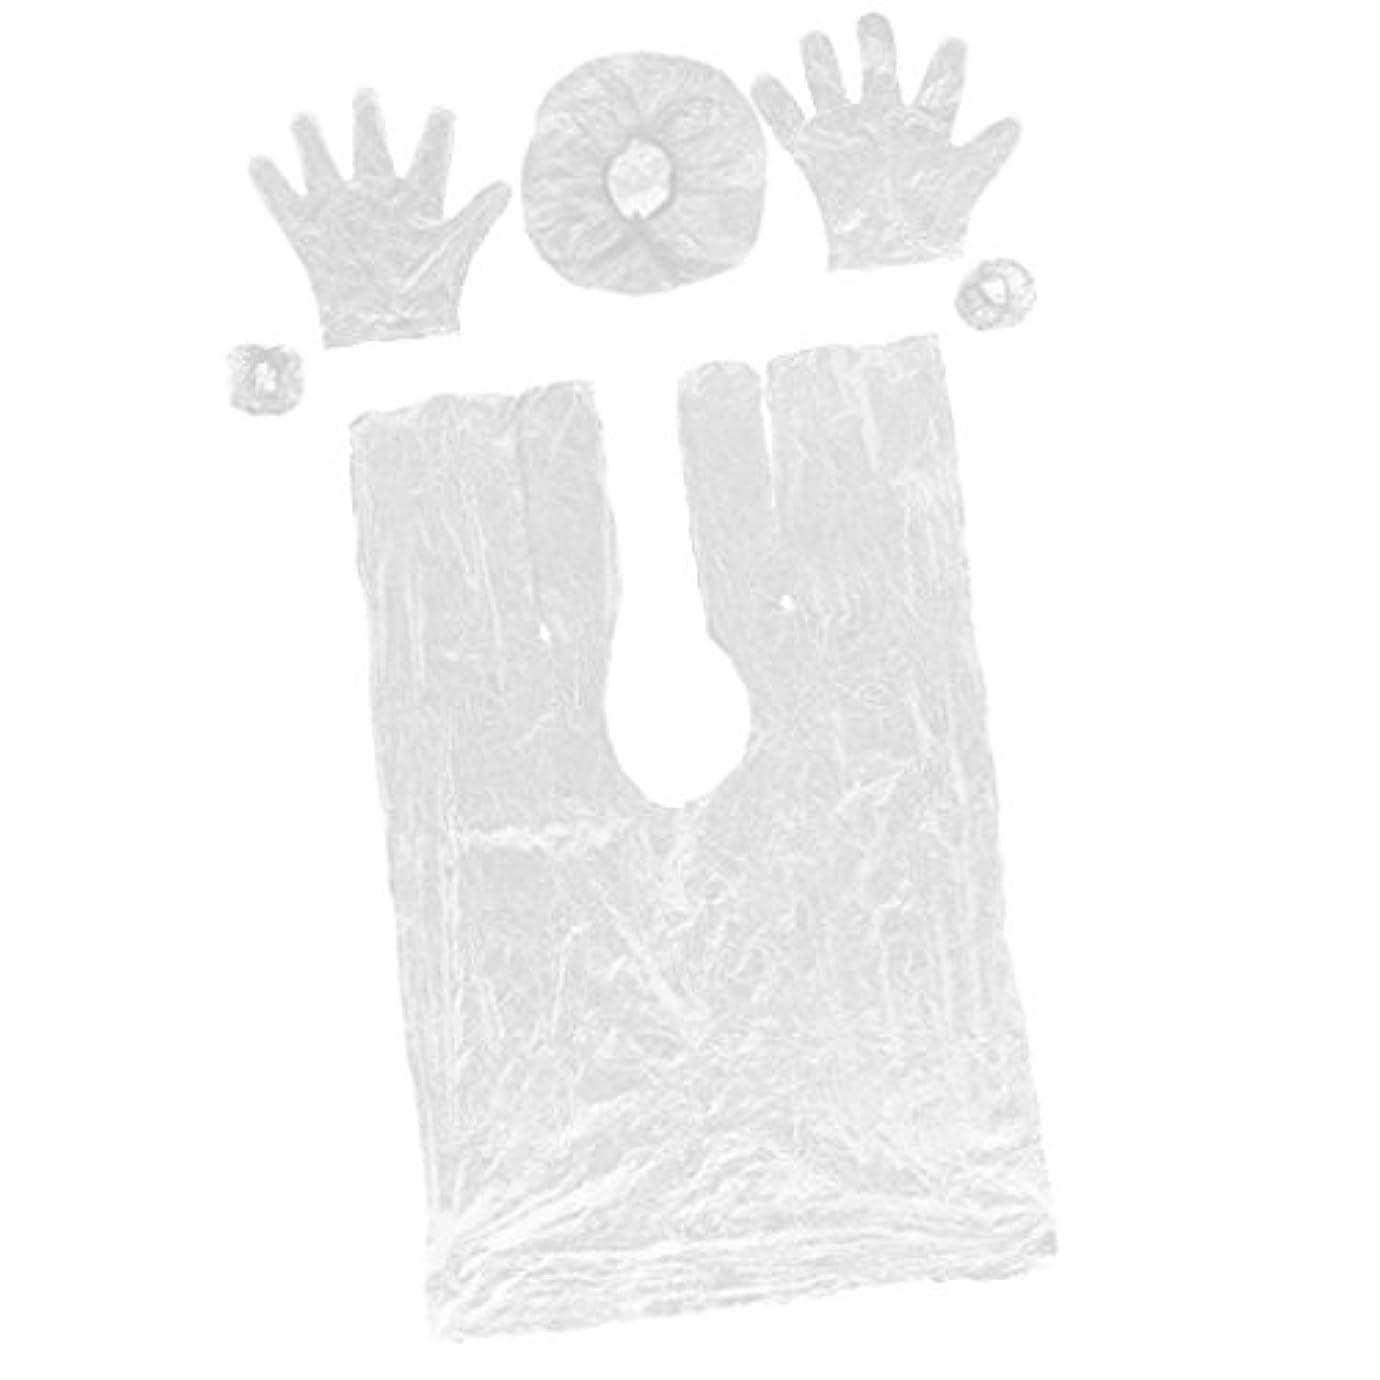 送金ミスペンド国内の使い捨て ヘアケア サロン プロ 自宅用 弾性キャップ サロンケープ 手袋 耳栓 プラスチック製